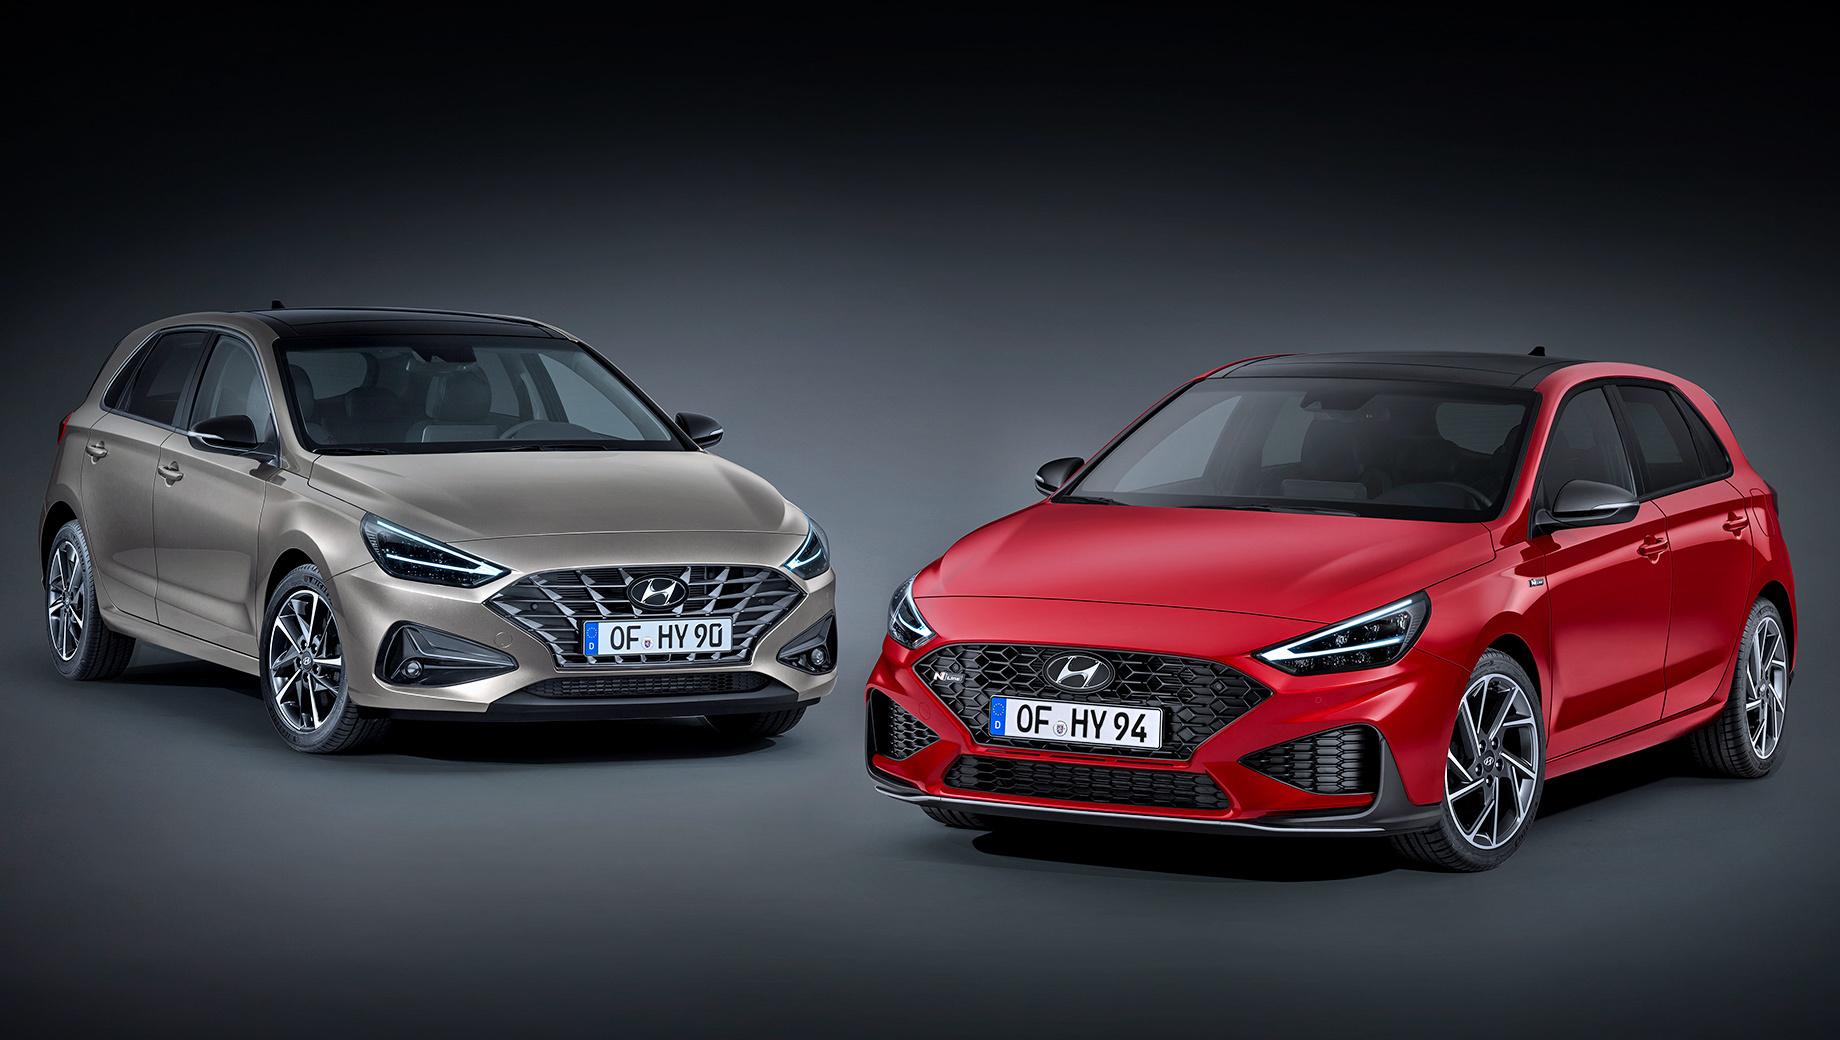 Hyundai i30. Пока это единственная картинка, позволяющая увидеть обычный хэтч (слева). Структура его «гриля» напоминает паутину. На всех остальных фото Hatchback, Fastback и Wagon представлены со «спортивным» пакетом N Line. Универсал получил его впервые.